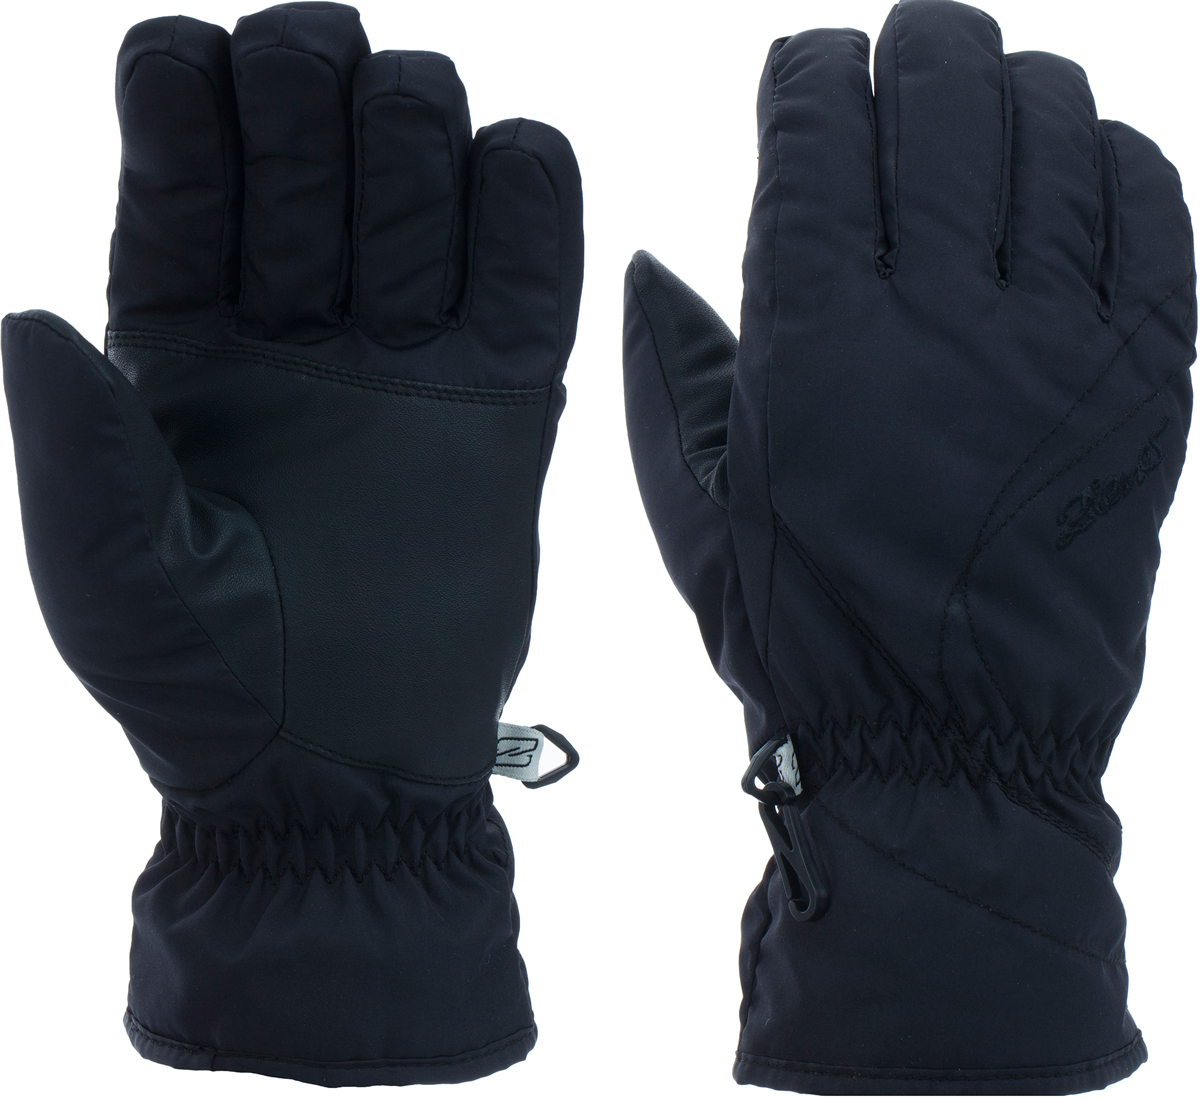 Перчатки женские Ziener Kata Lady, цвет: черный. 150062-12. Размер 7,5150062-12Горнолыжные перчатки классической формы. Стандартный крой, эргономичная манжета, средней толщины утеплитель, в совокупности, обеспечивают комфортные условия в использовании изделия. Технология обеспечивает максимальный комфорт и свободу движения.